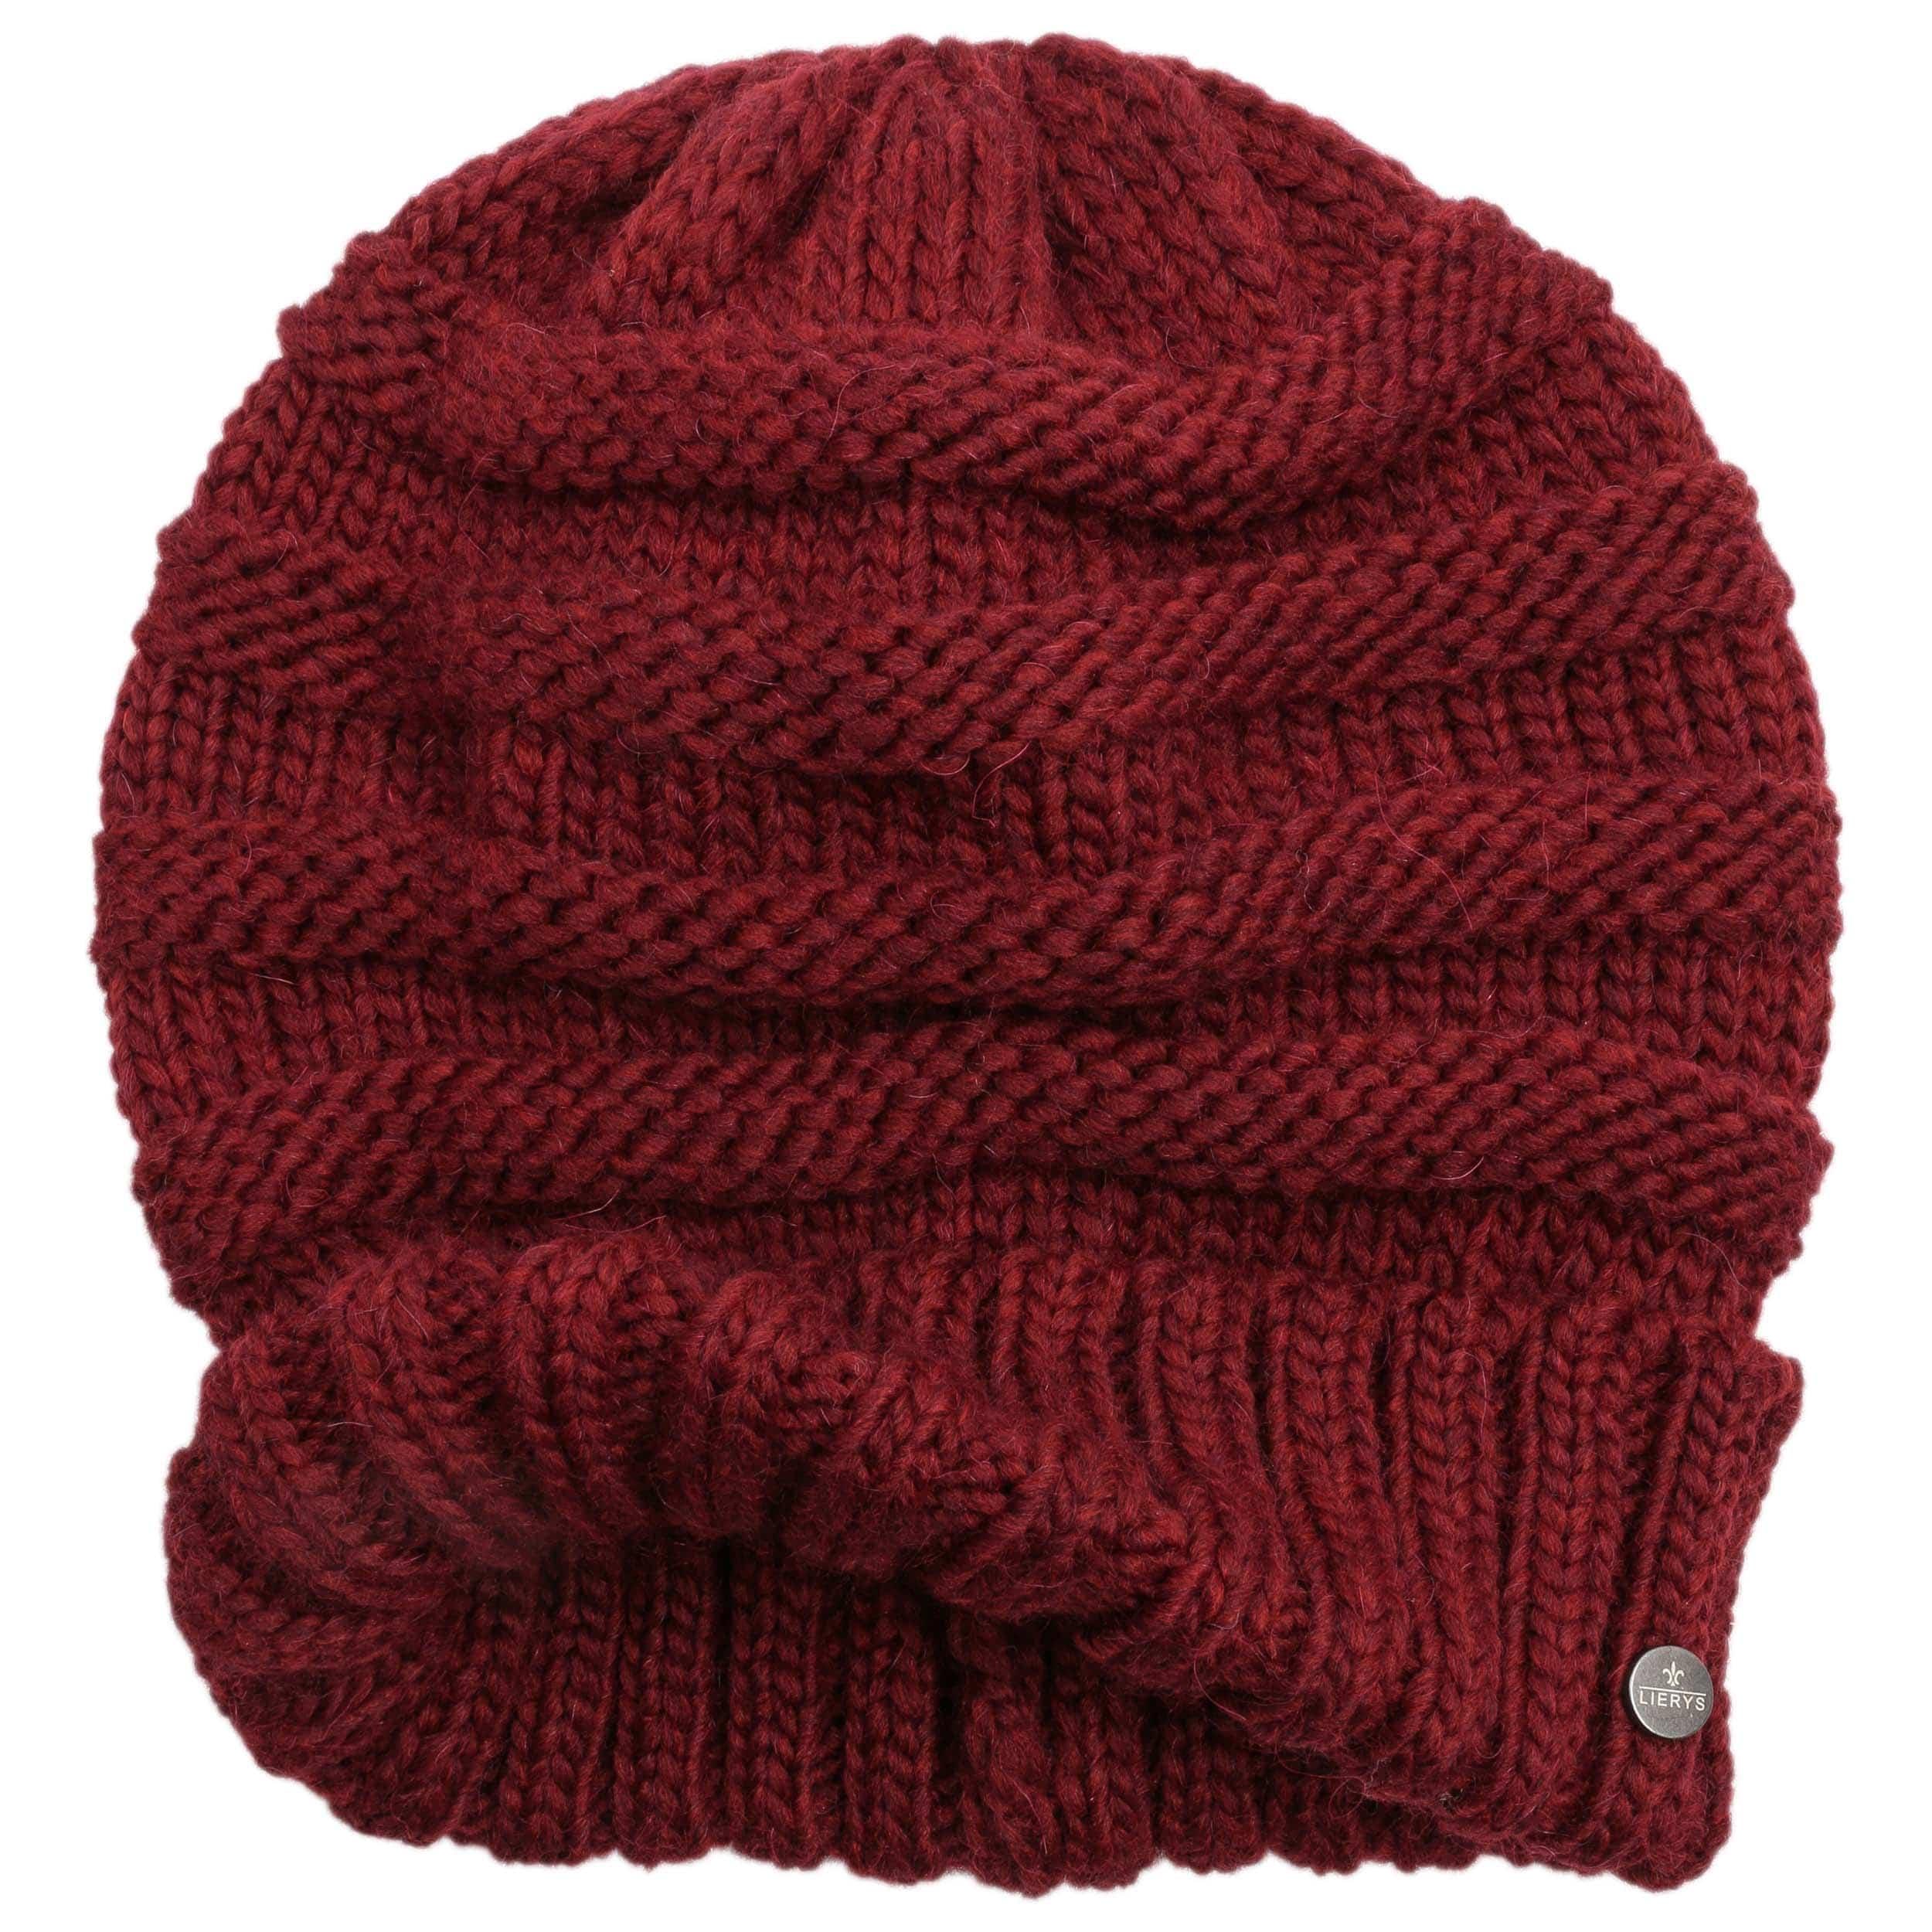 f61d1d1c043262 ... Long Beanie Knit Hat by Lierys - dark red 1 ...